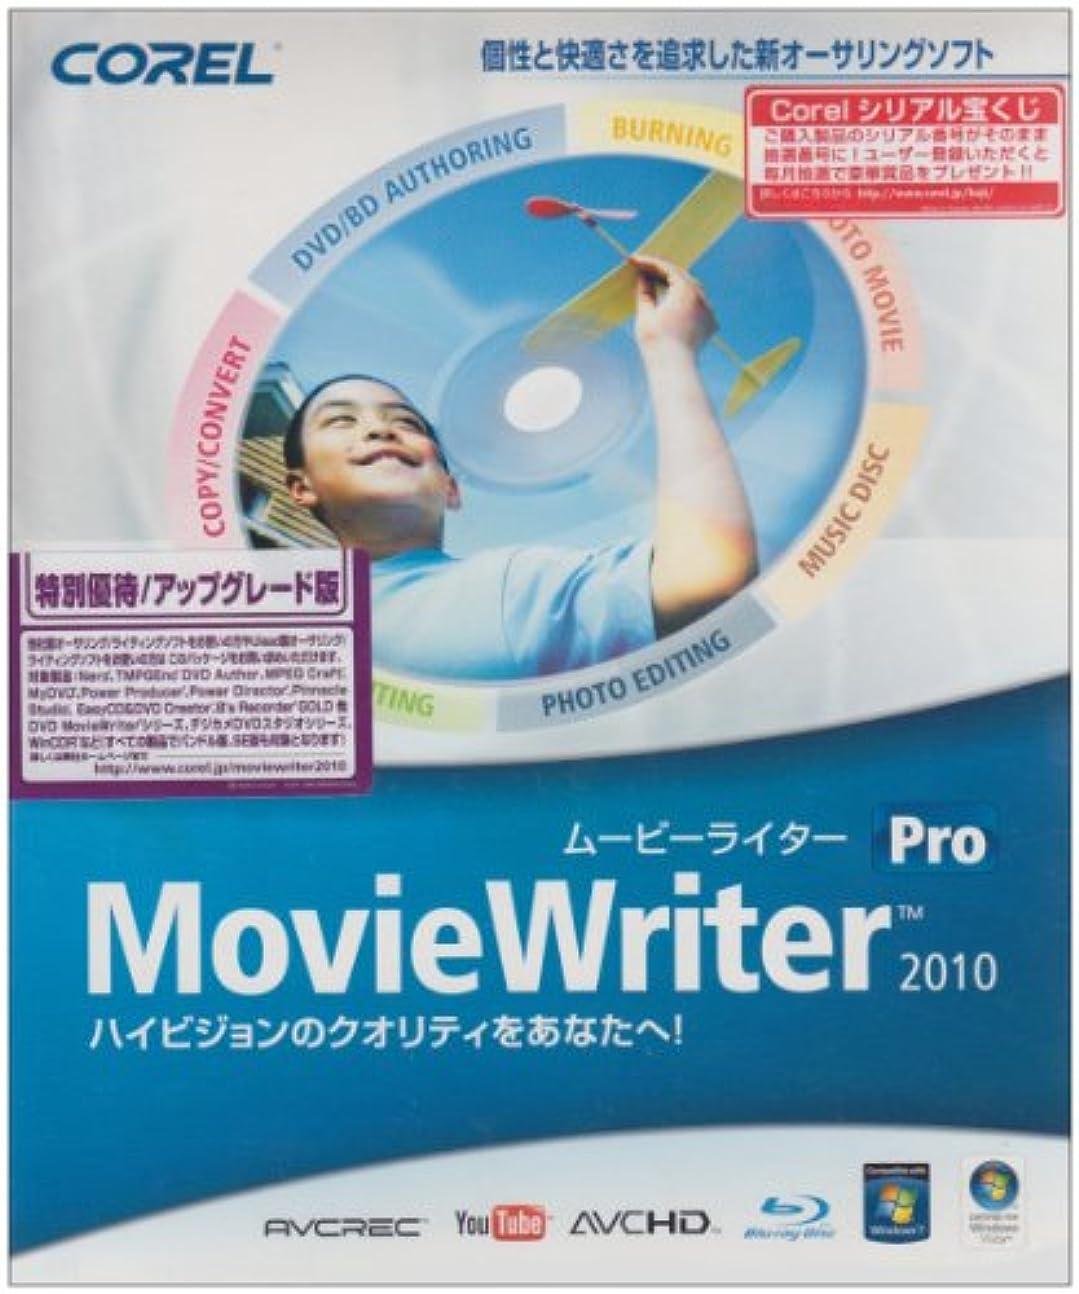 パン湿原規範MovieWriter Pro 2010 特別優待/アップグレード版